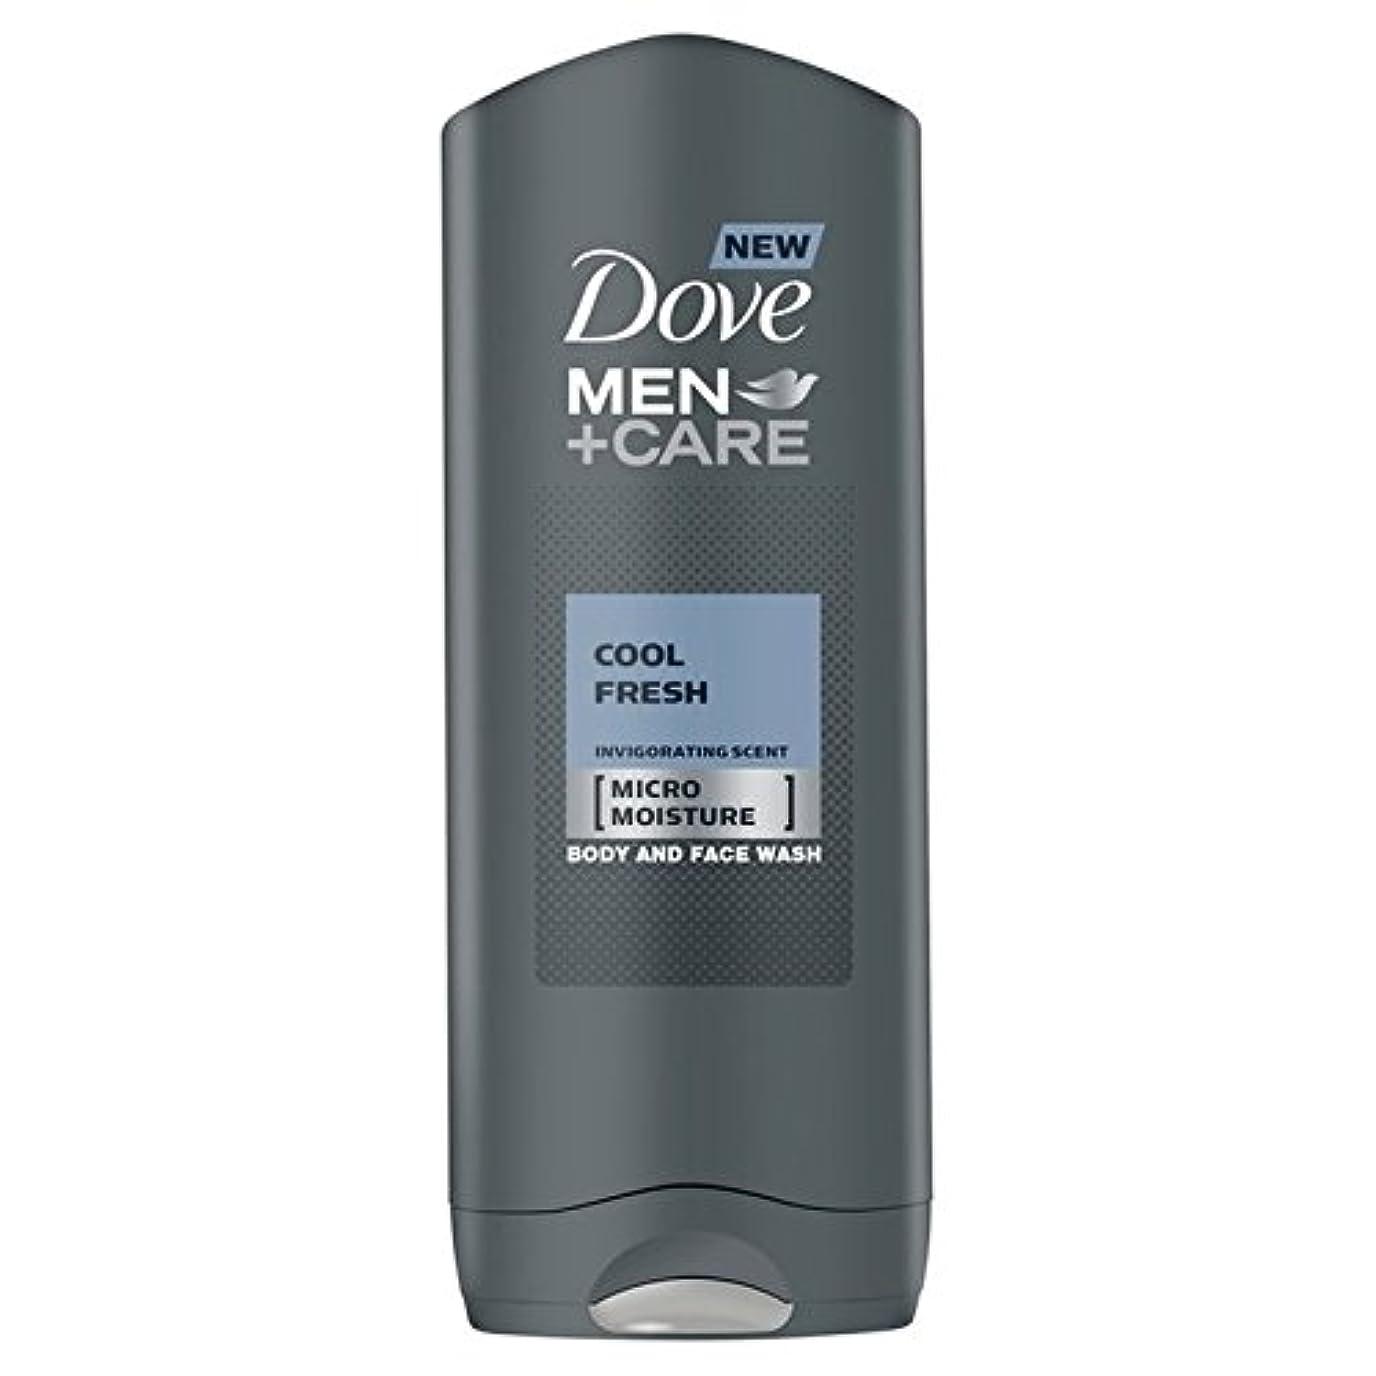 ラックにはまって非常にDove Men+Care Cool Fresh Shower Gel 400ml (Pack of 6) - クールフレッシュシャワージェル400ミリリットルケア+鳩の男性 x6 [並行輸入品]